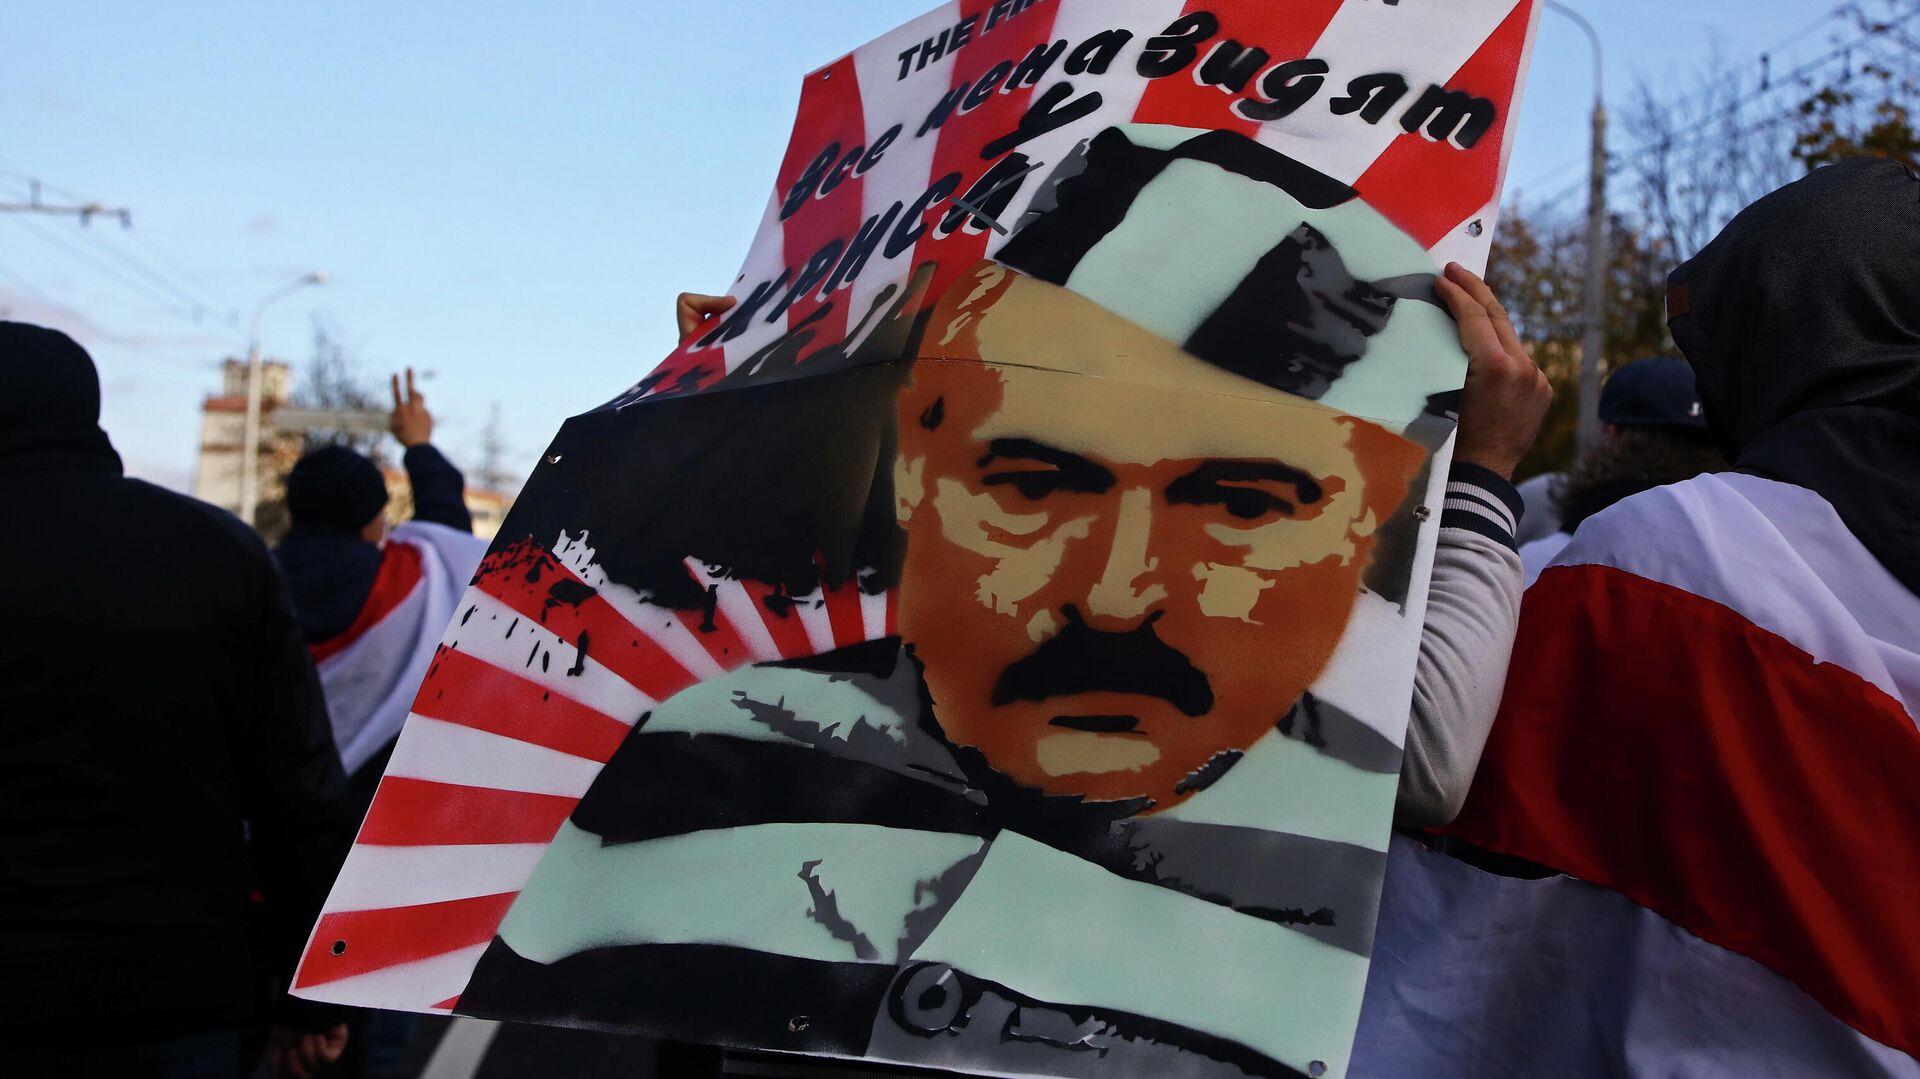 Боррель пообещал продолжить изоляцию белорусских властей - РИА Новости,  20.10.2020